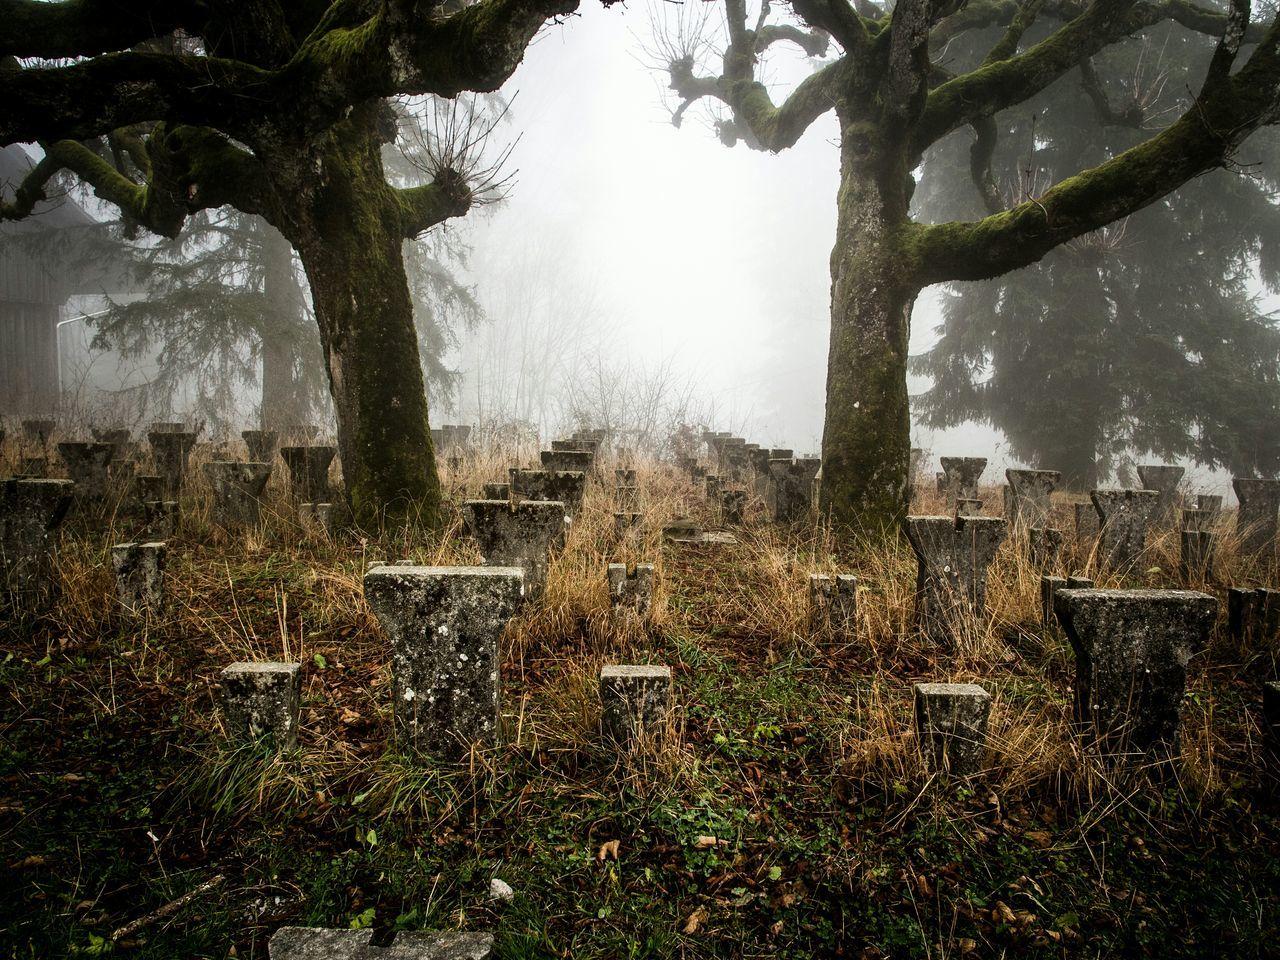 Showcase: December üetliberg Forest Foggy Day Fog Foggy Fog_collection Trees Mist Misty Schweiz Zurich, Switzerland Zürich Switzerland Nature Nature_collection